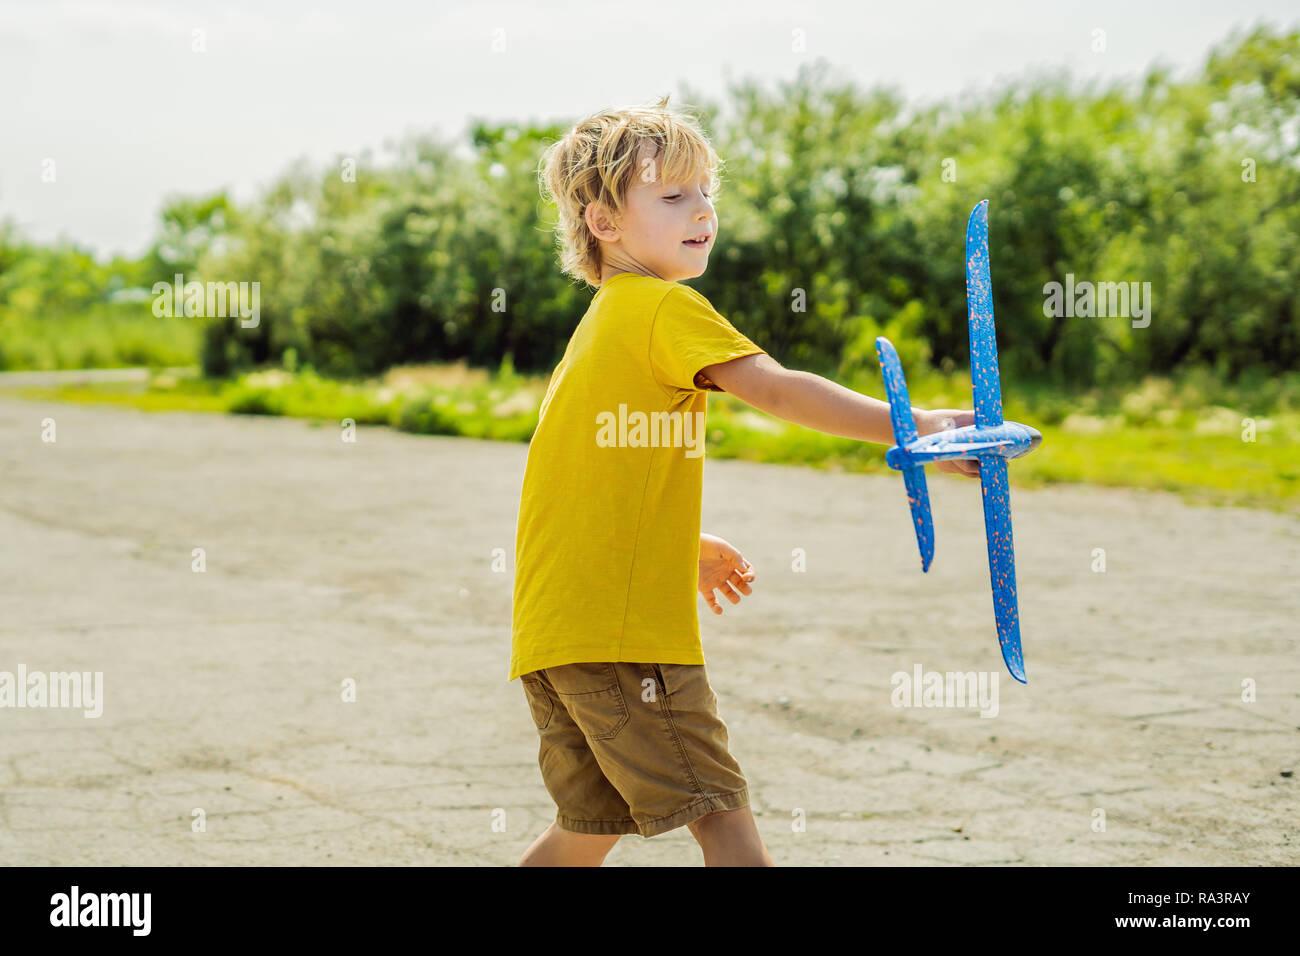 Glückliches Kind spielen mit Spielzeug Flugzeug gegen alte Landebahn Hintergrund. Mit Kindern unterwegs Konzept Stockbild